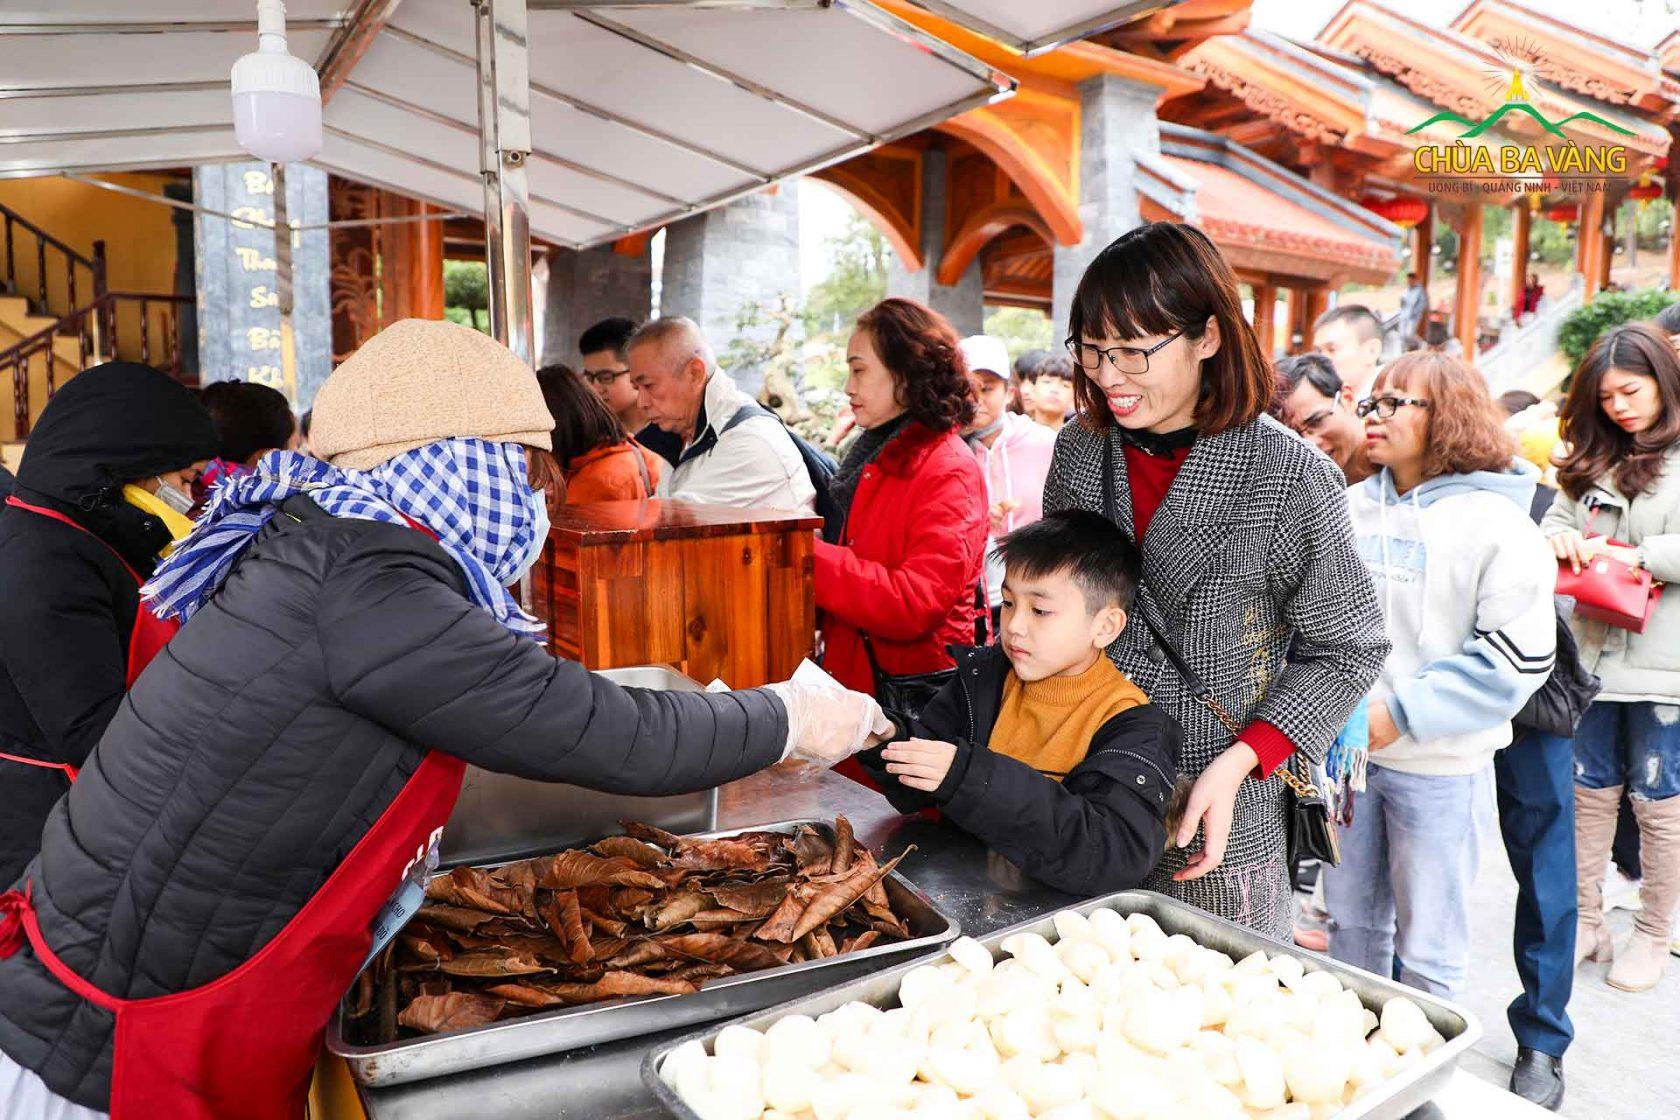 Du khách rất hào hứng với những đồ ăn được phát miễn phí tại điểm thỉnh lộc của chùa